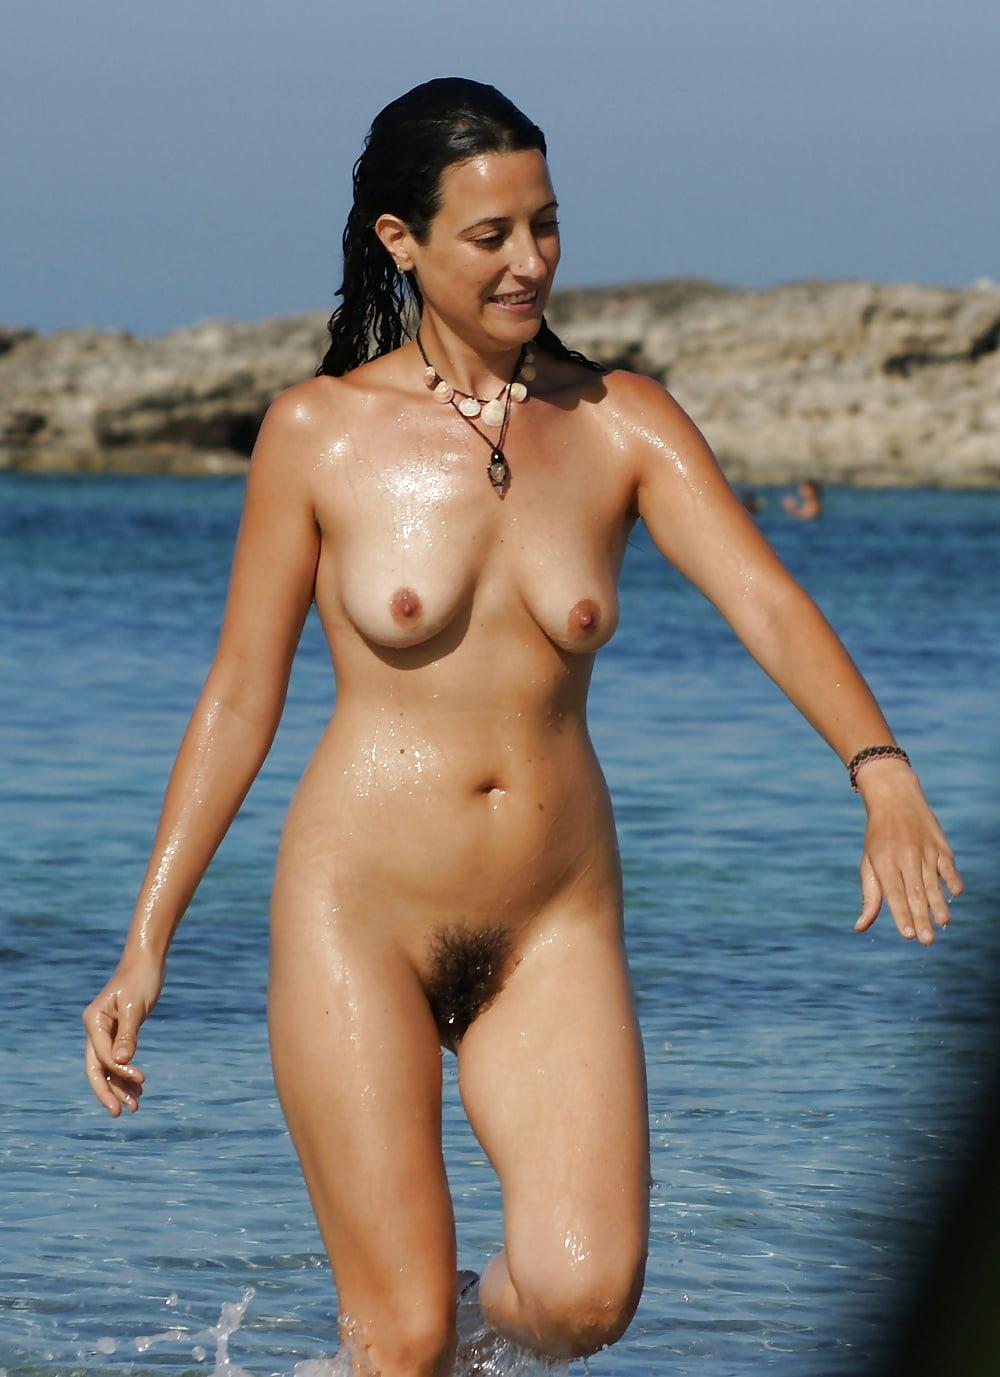 Milena nude pointy girls muff beach deschanel